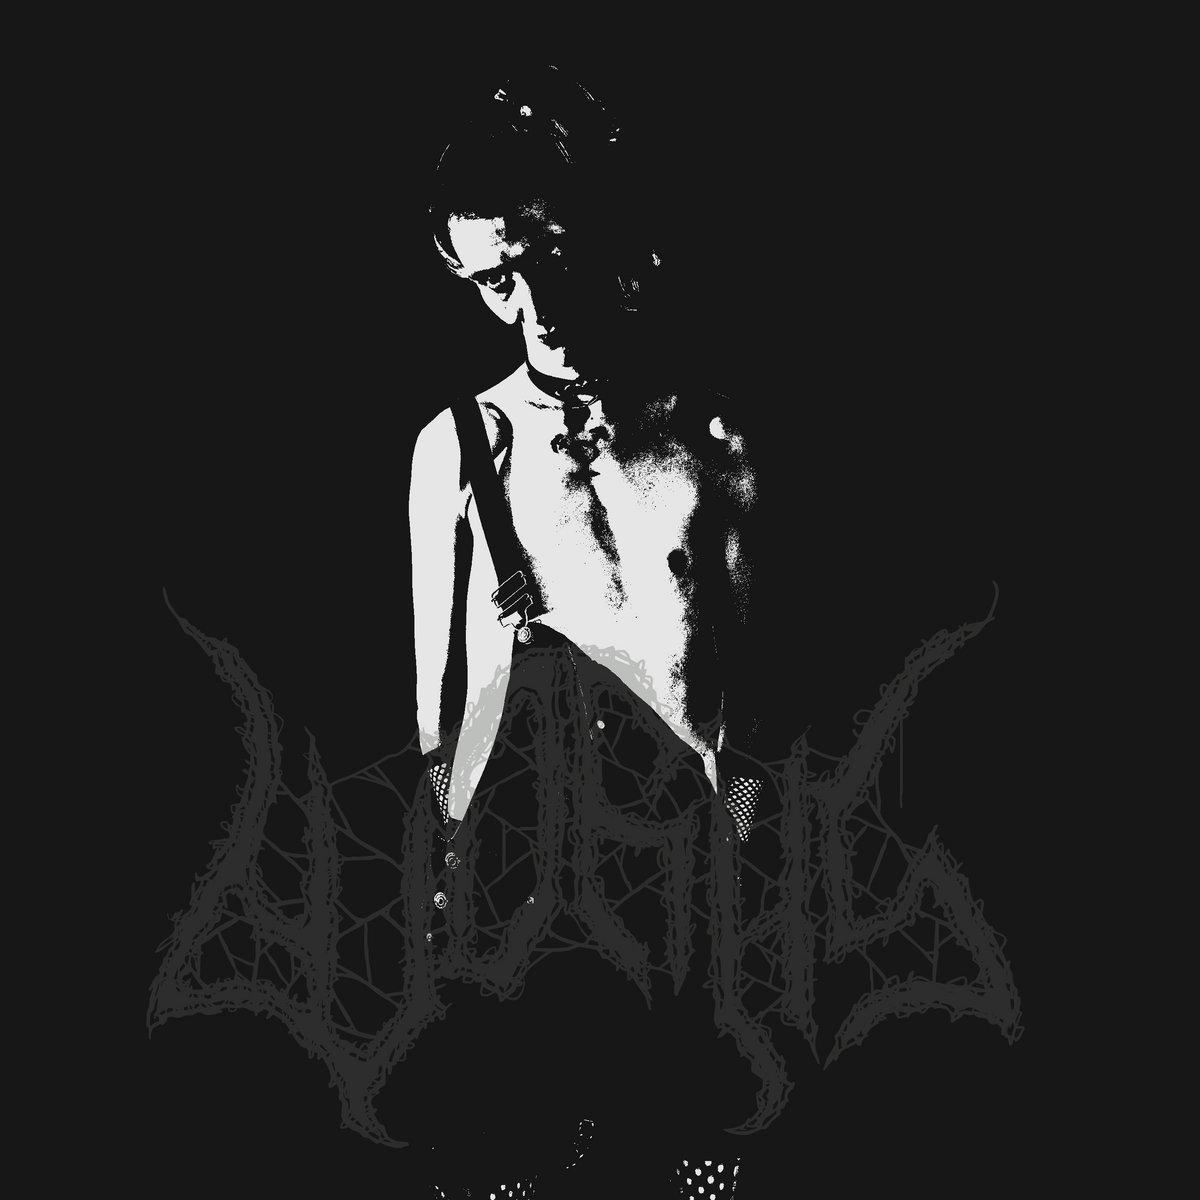 worhs ballerine sourde paris black metal